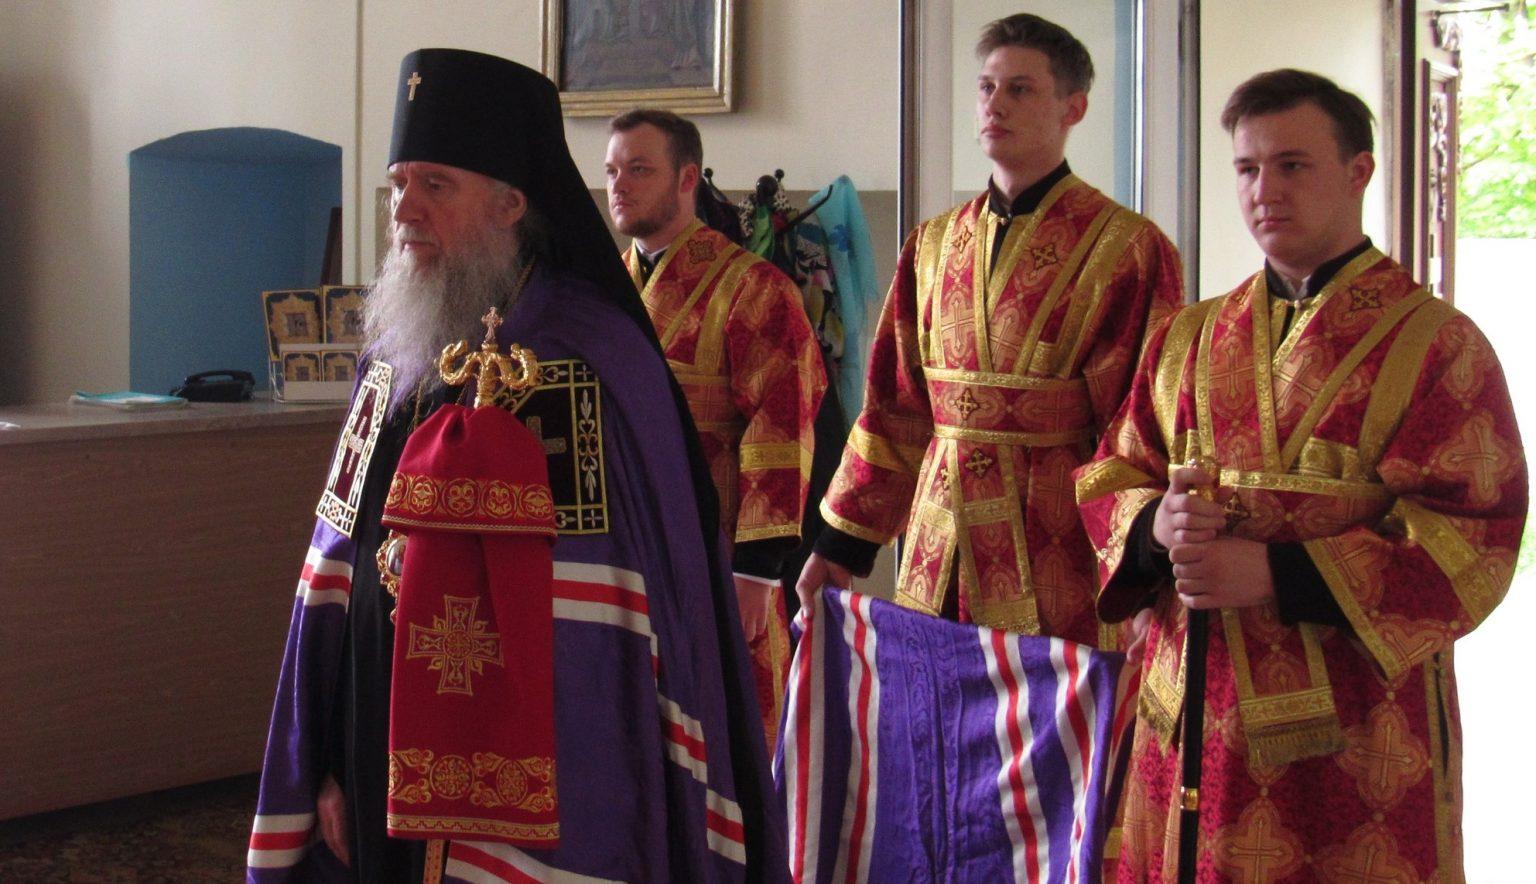 Архиепископ Витебский и Оршанский Димитрий совершил Божественную литургию в Свято-Троицком Марковом мужском монастыре города Витебска